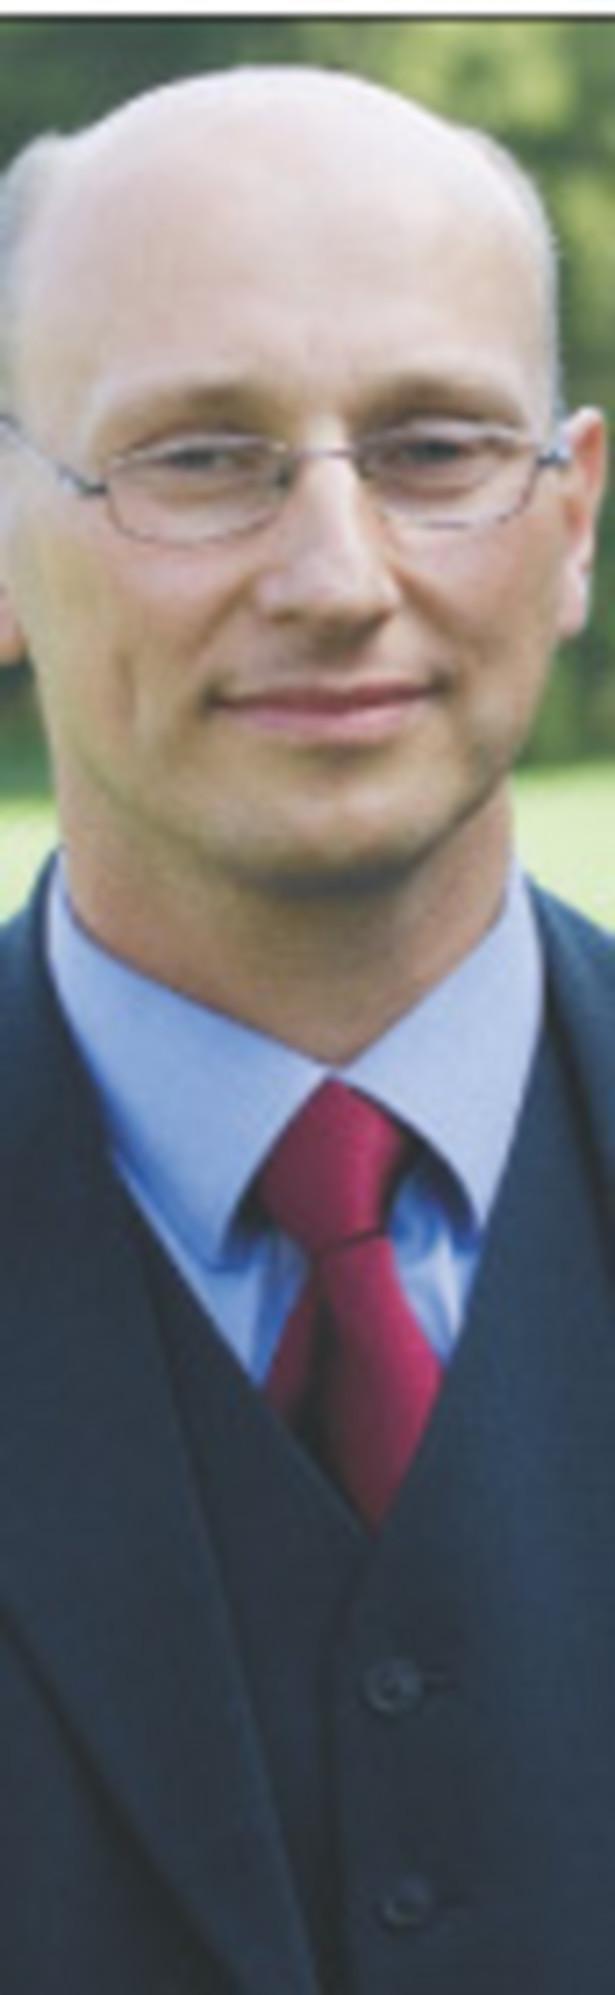 Wojciech Przybyś, dyrektor generalny firmy Quintiles, najlepszy pracodawca 2009 roku